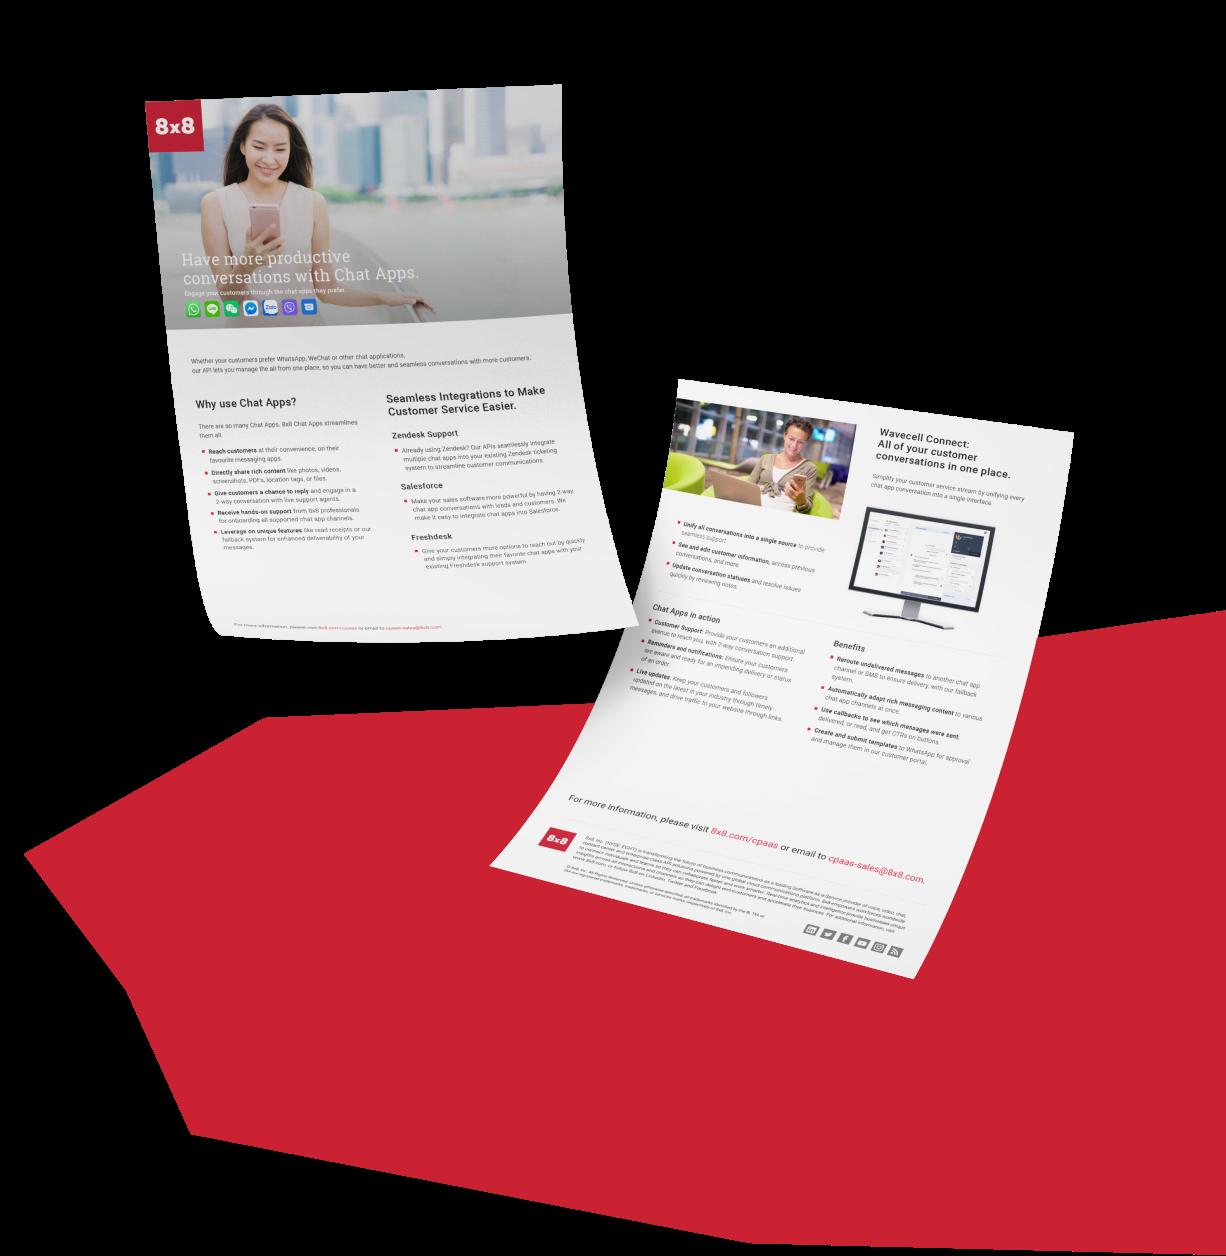 The Visual Team web client thumbnail - 8 x 8 brochure